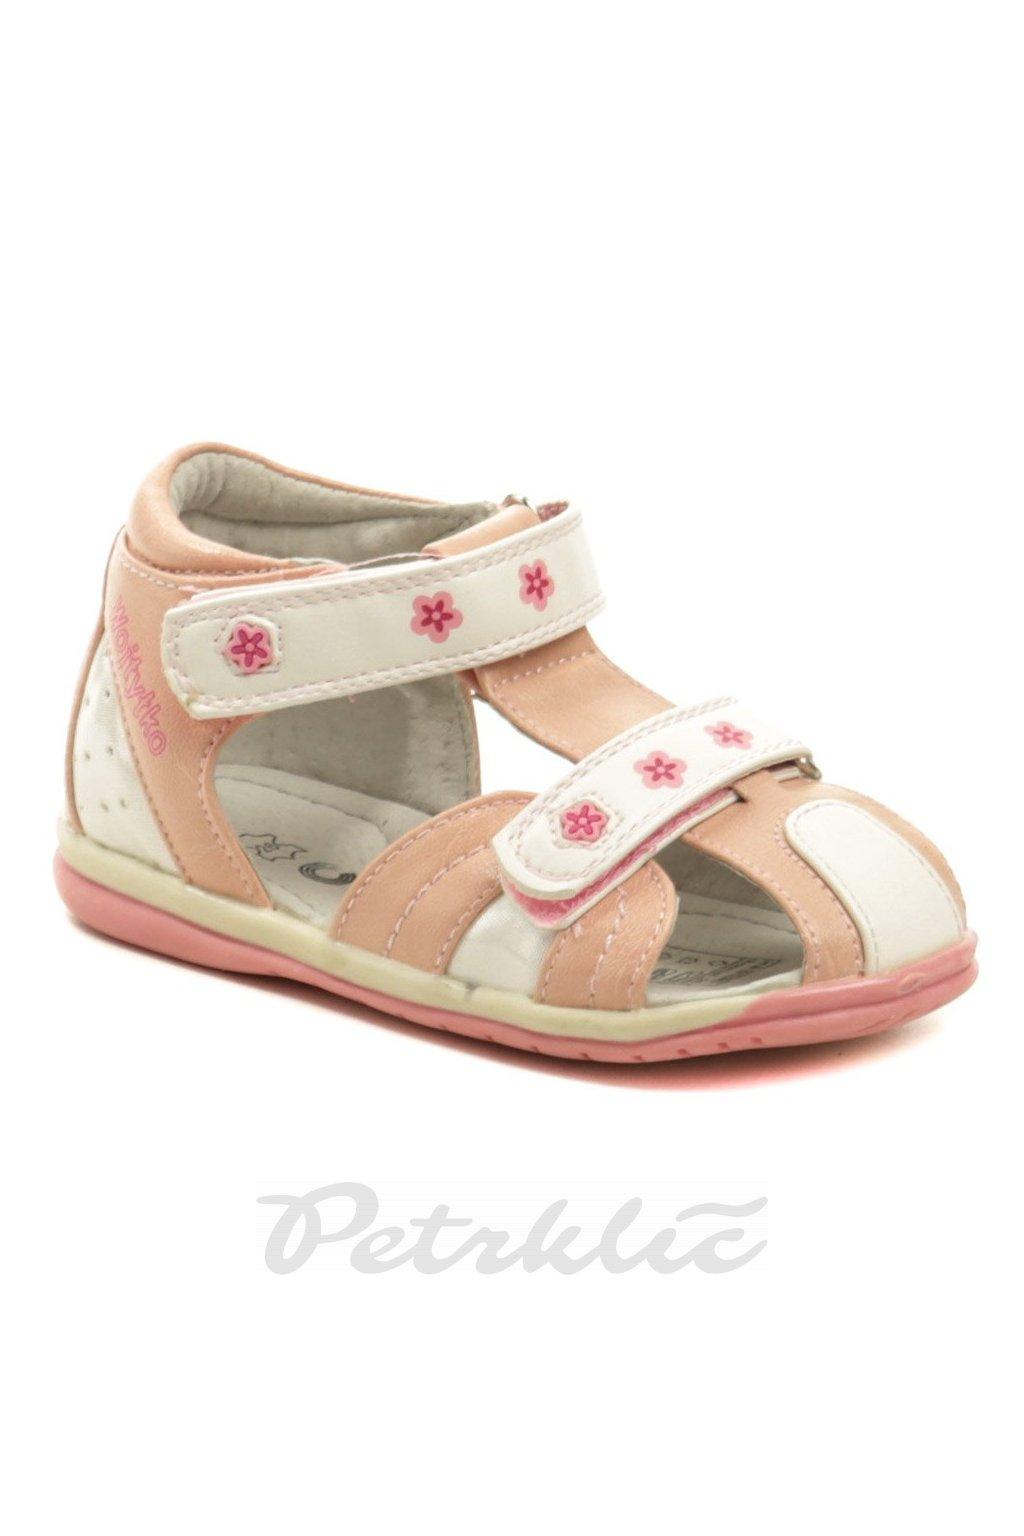 Wojtylko 2S1352 růžové dívčí sandálky